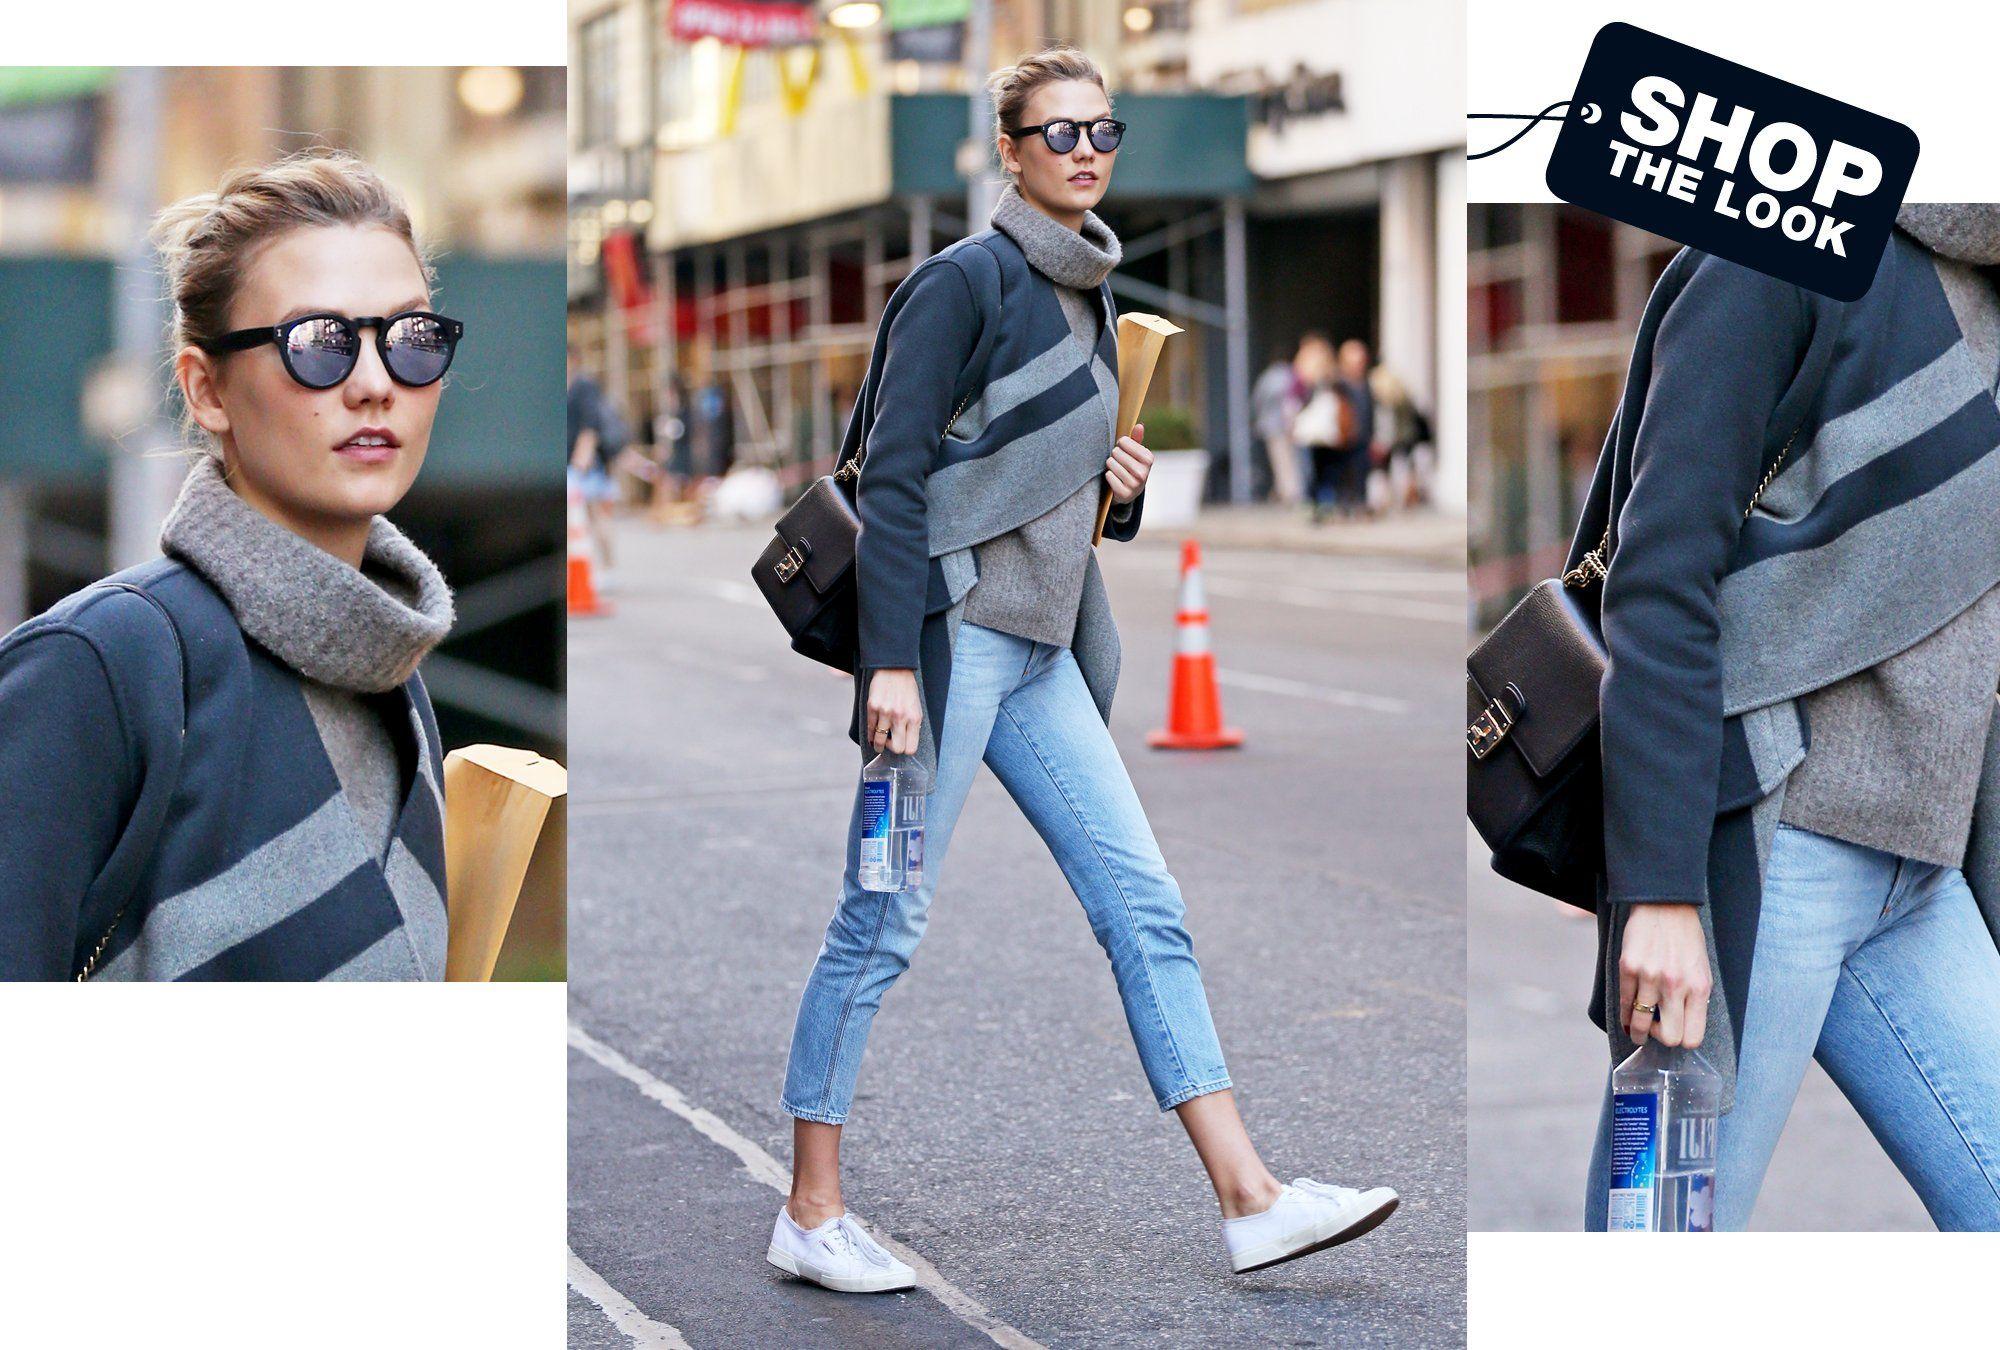 Rollkragenpullover, Schalmantel und weiße Sneaker: Karlie Kloss' Styling für sonnige Herbsttage